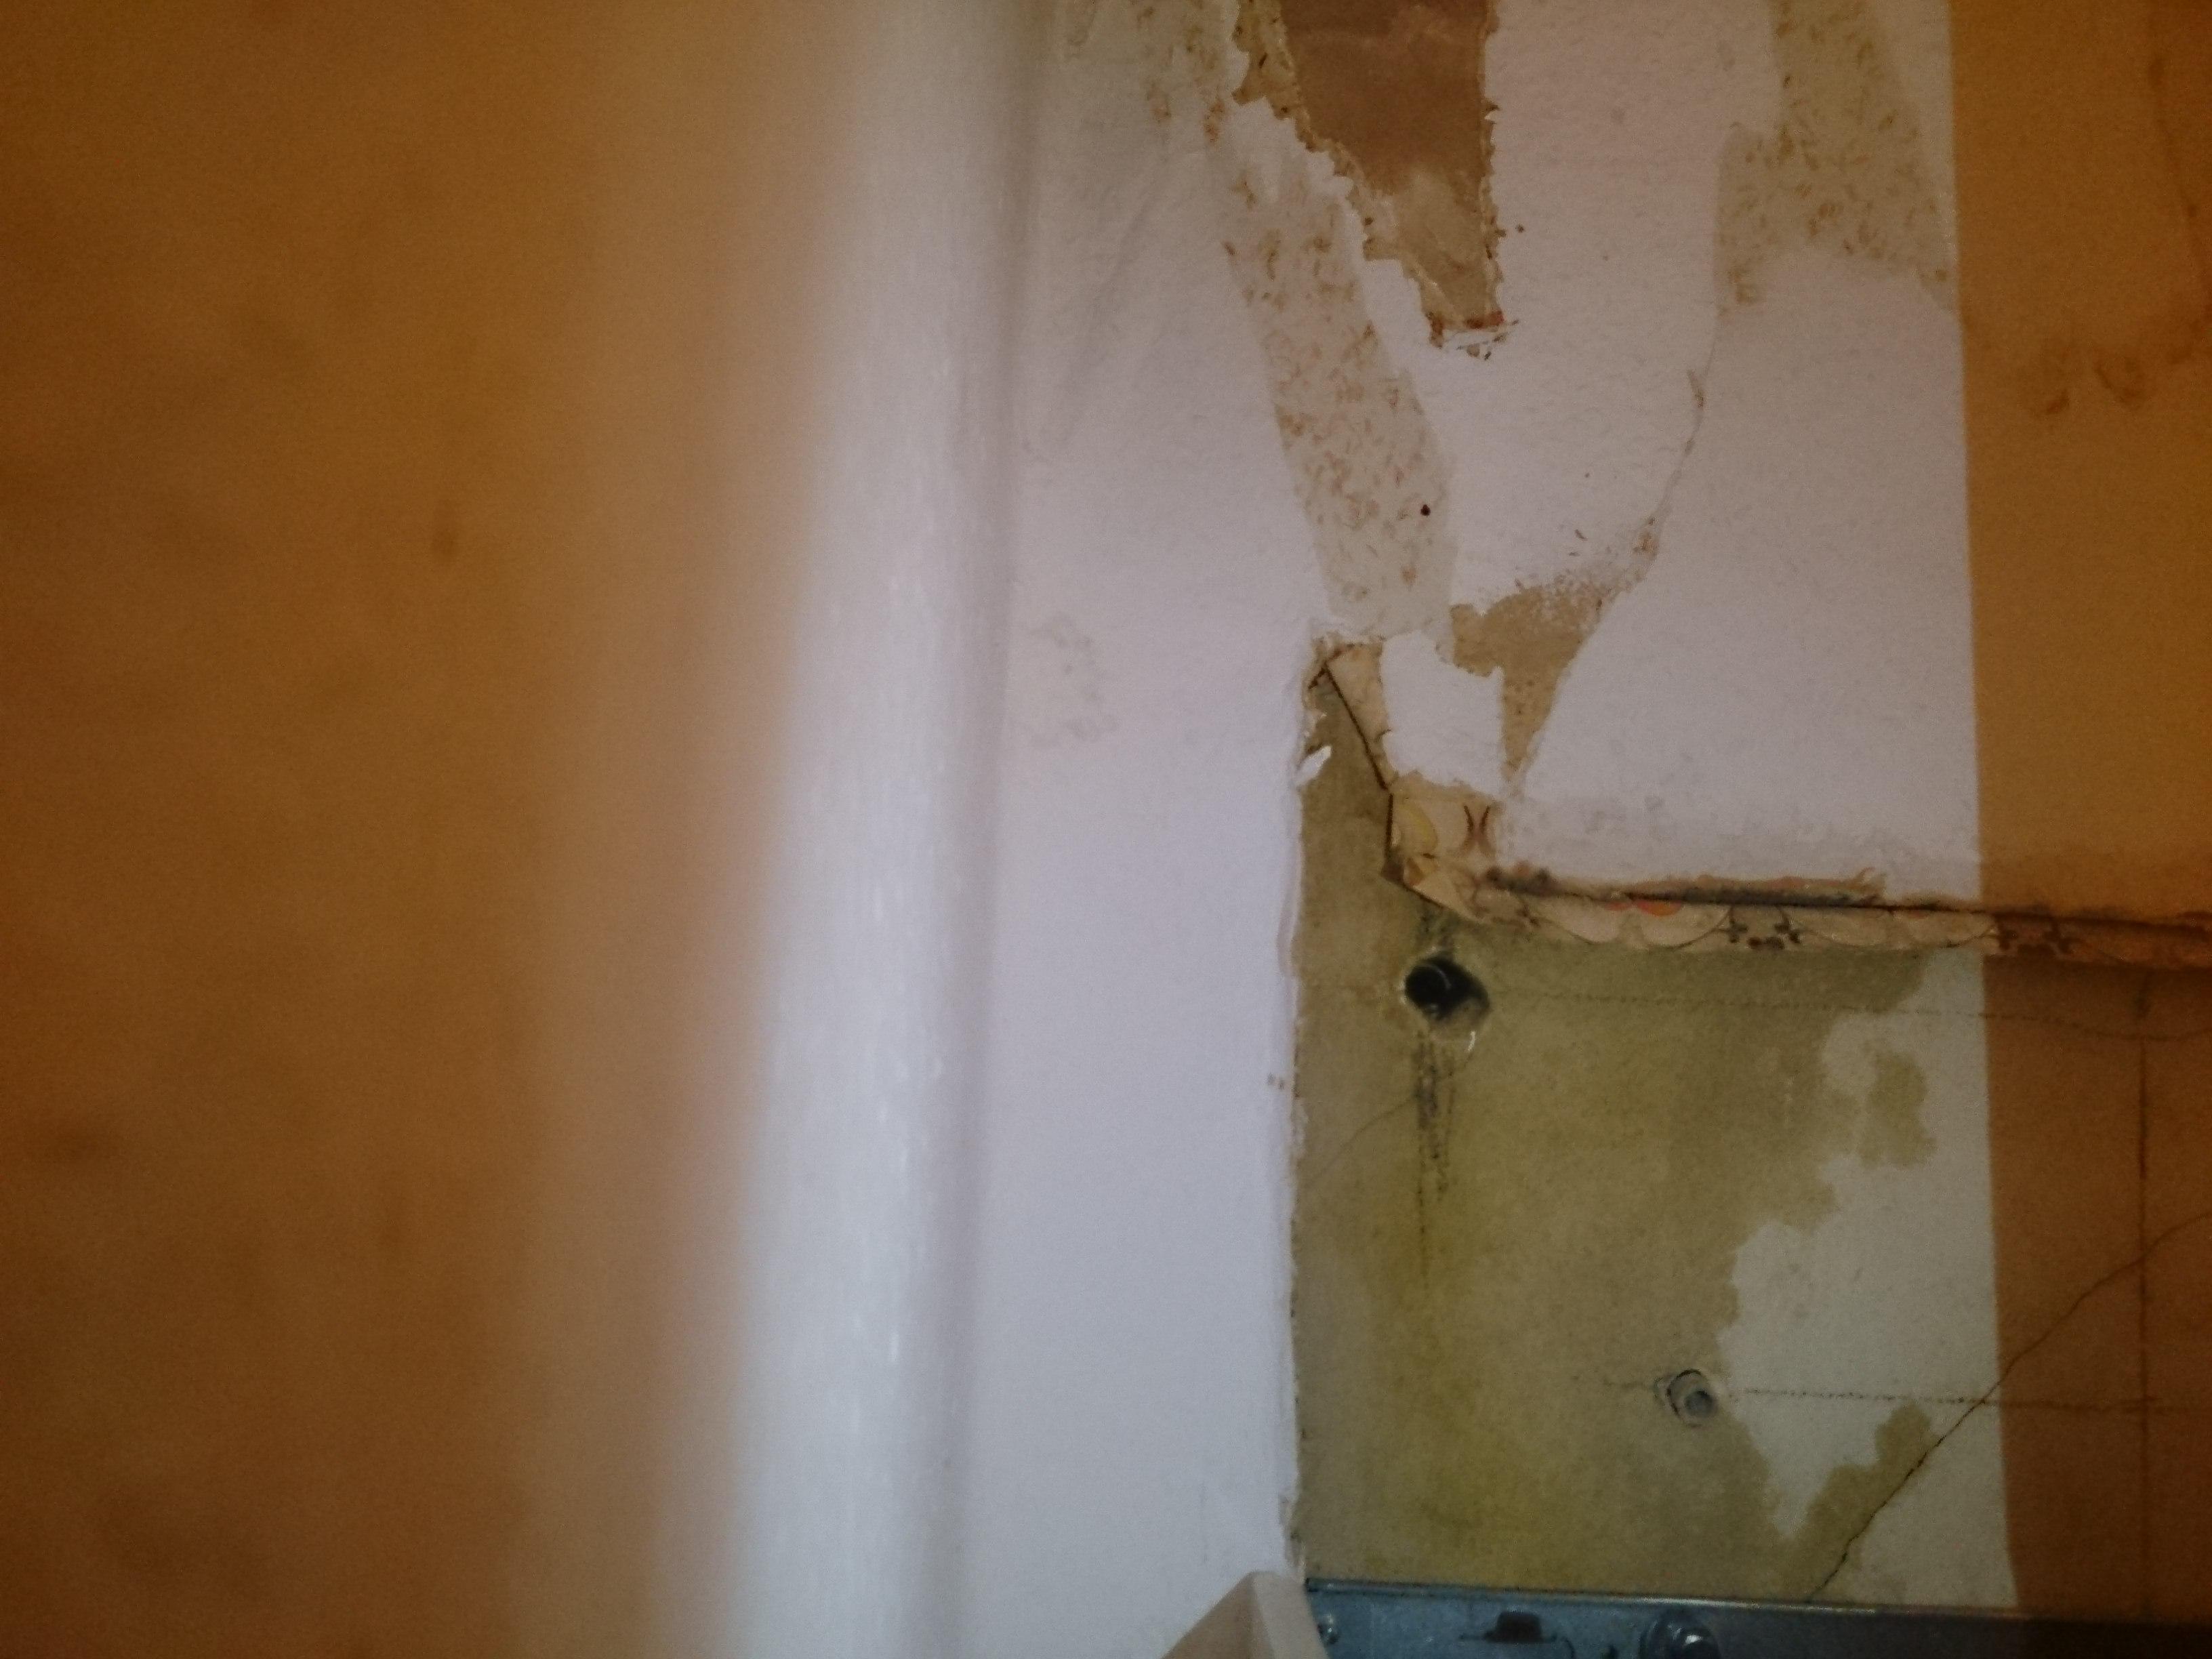 wasser schaden nach umbau von fach firma wohnung schimmel wasserschaden. Black Bedroom Furniture Sets. Home Design Ideas